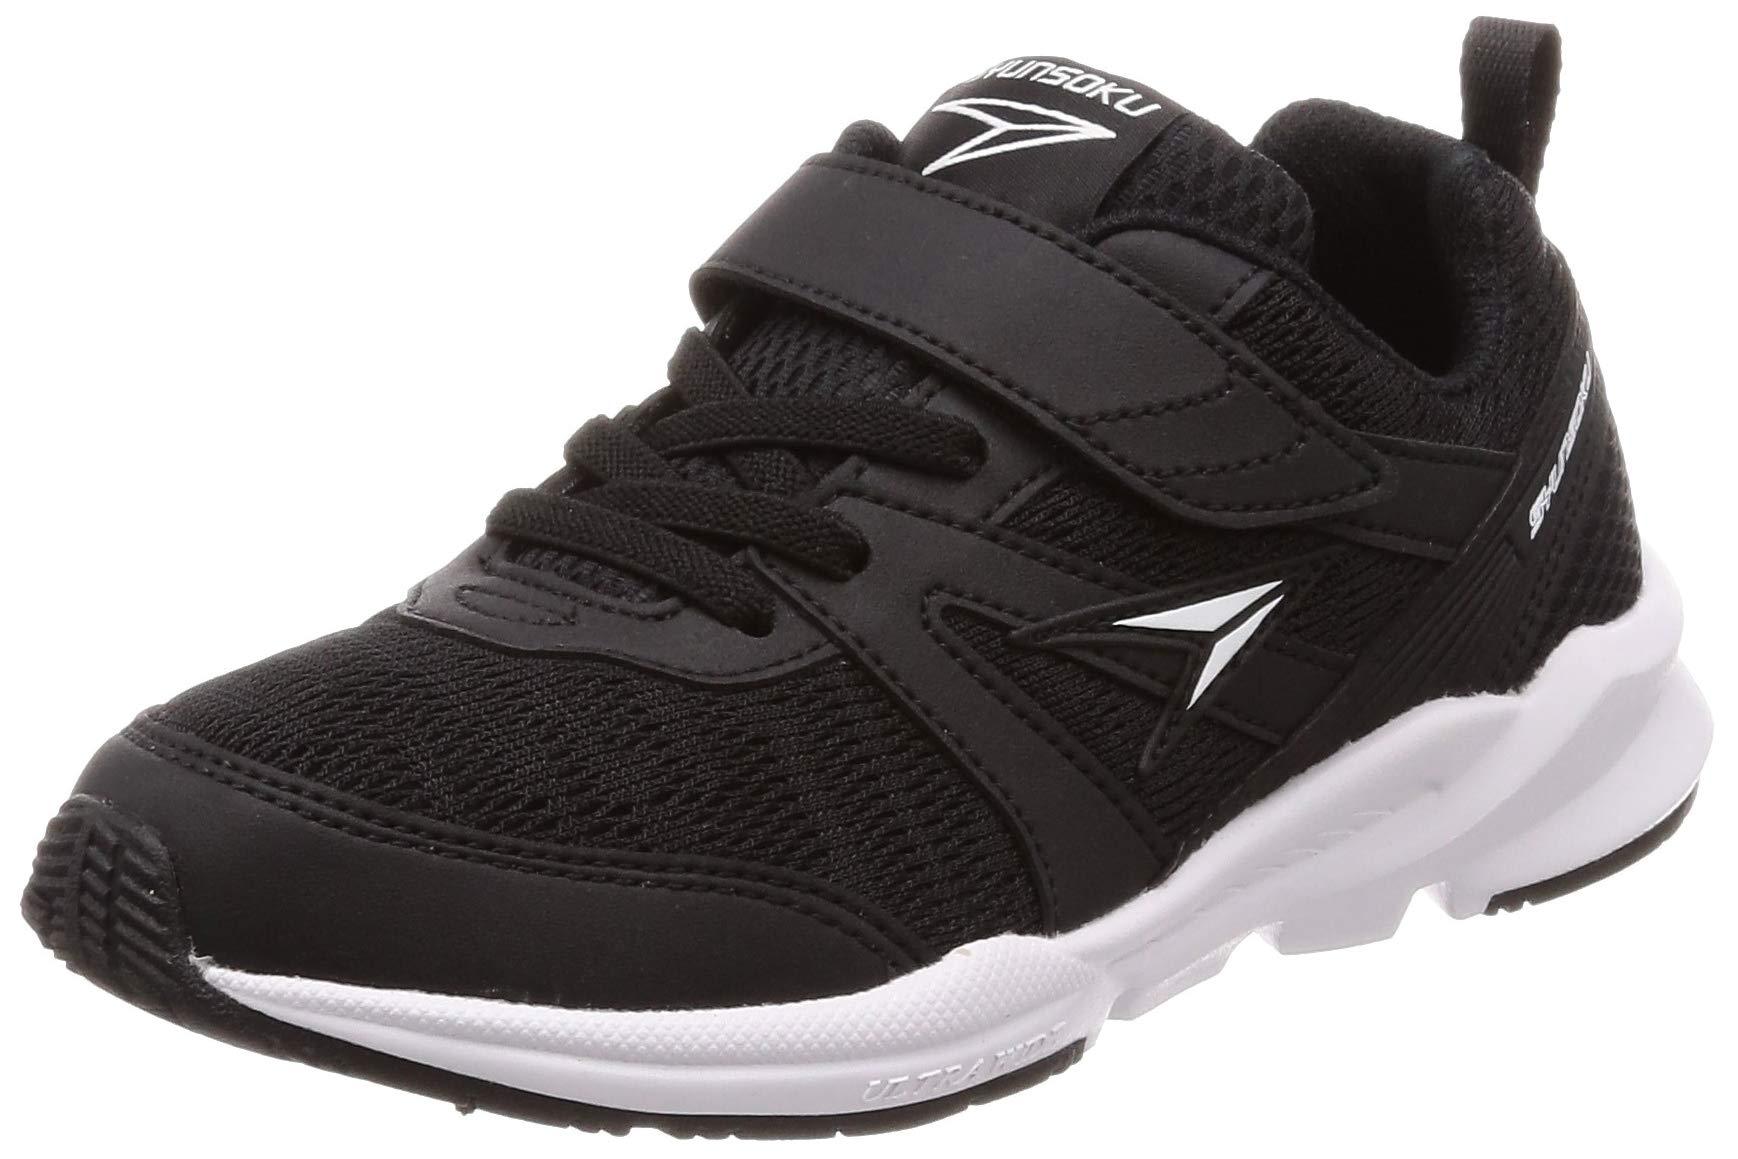 e51f4ebe73cc7 [シュンソク] 運動靴 通学履き 瞬足 幅広 衝撃吸収 高反発 16~25cm 3E キッズ 男の子 女の子 SJJ 6380